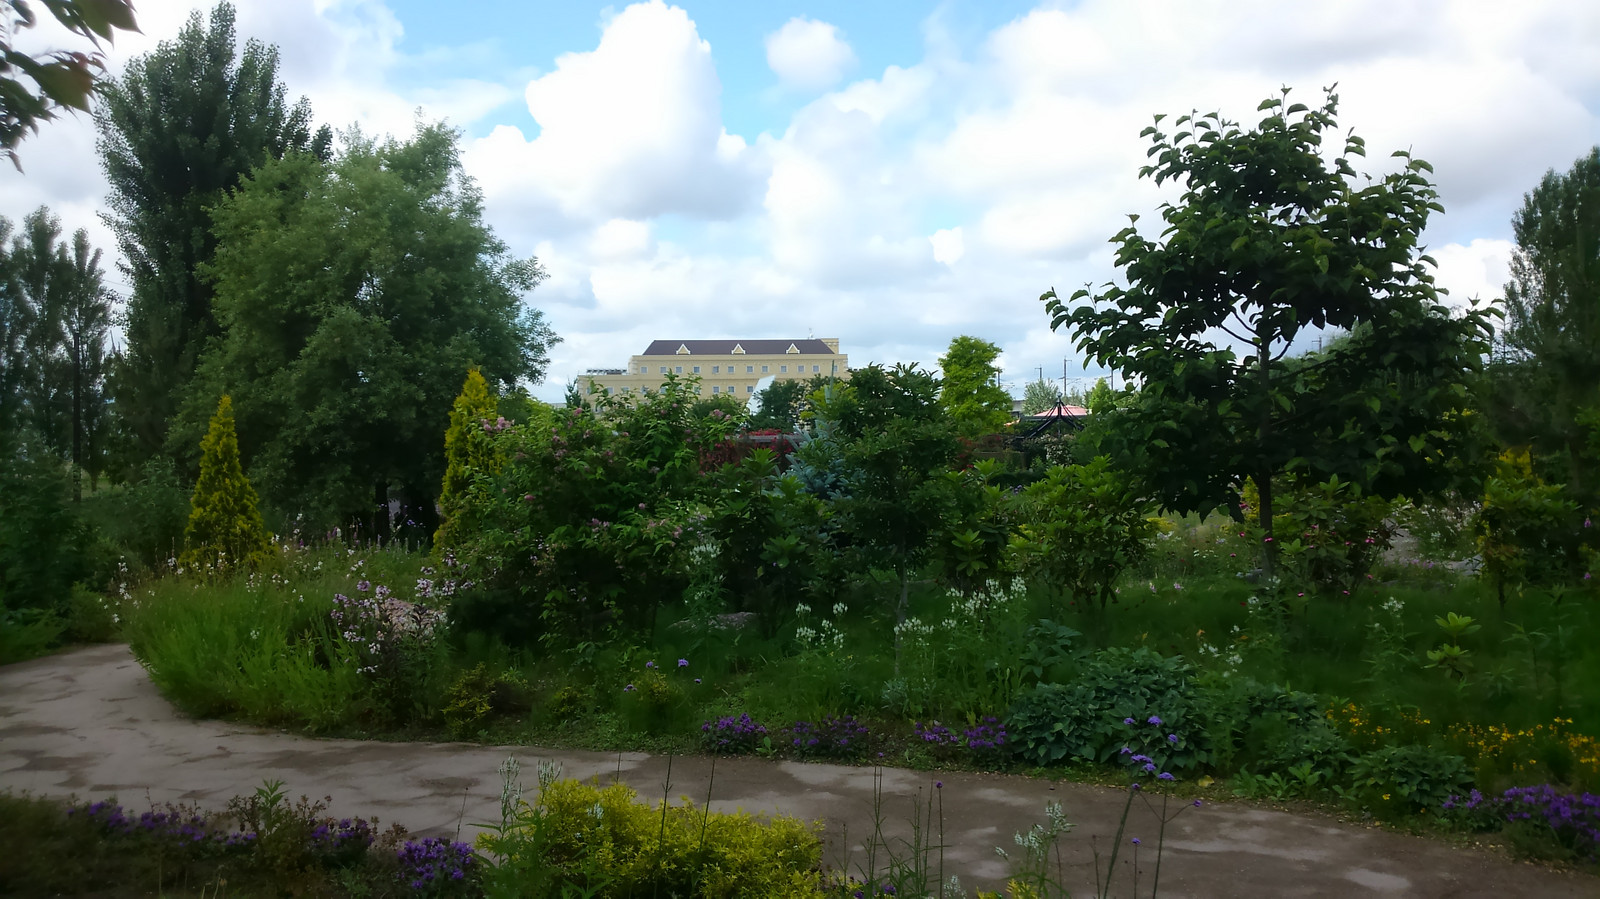 Mitsuke_english_garden_meadow_road